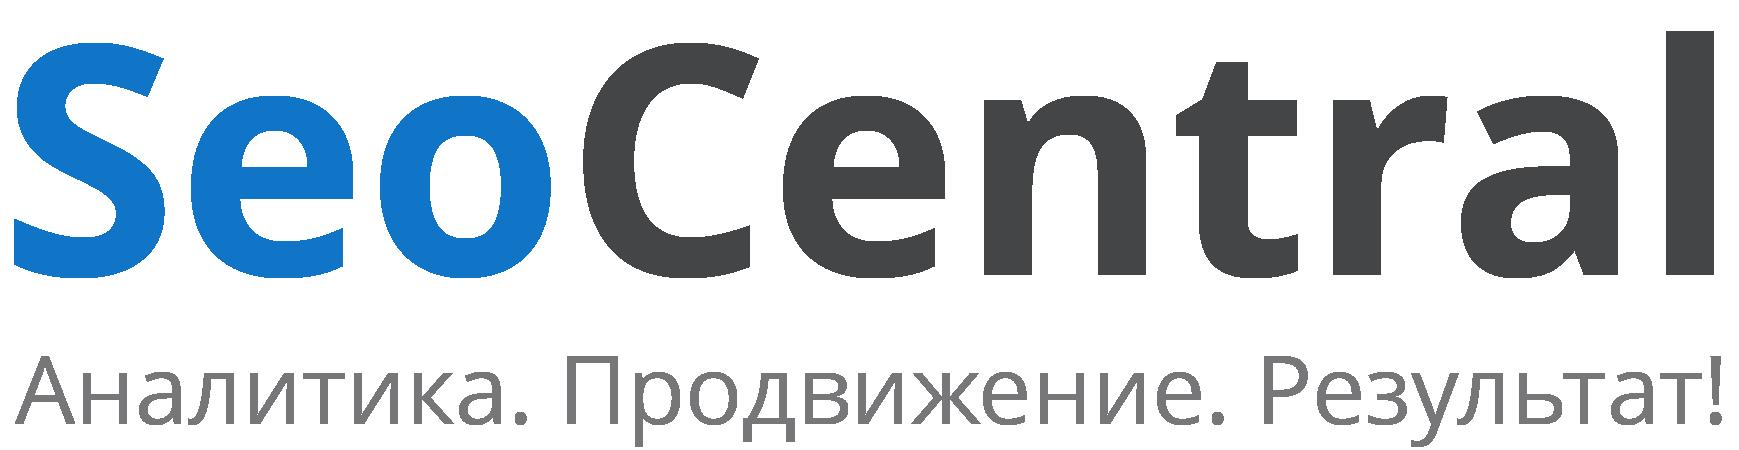 Seo Central — заказать продвижение сайта от профессионалов